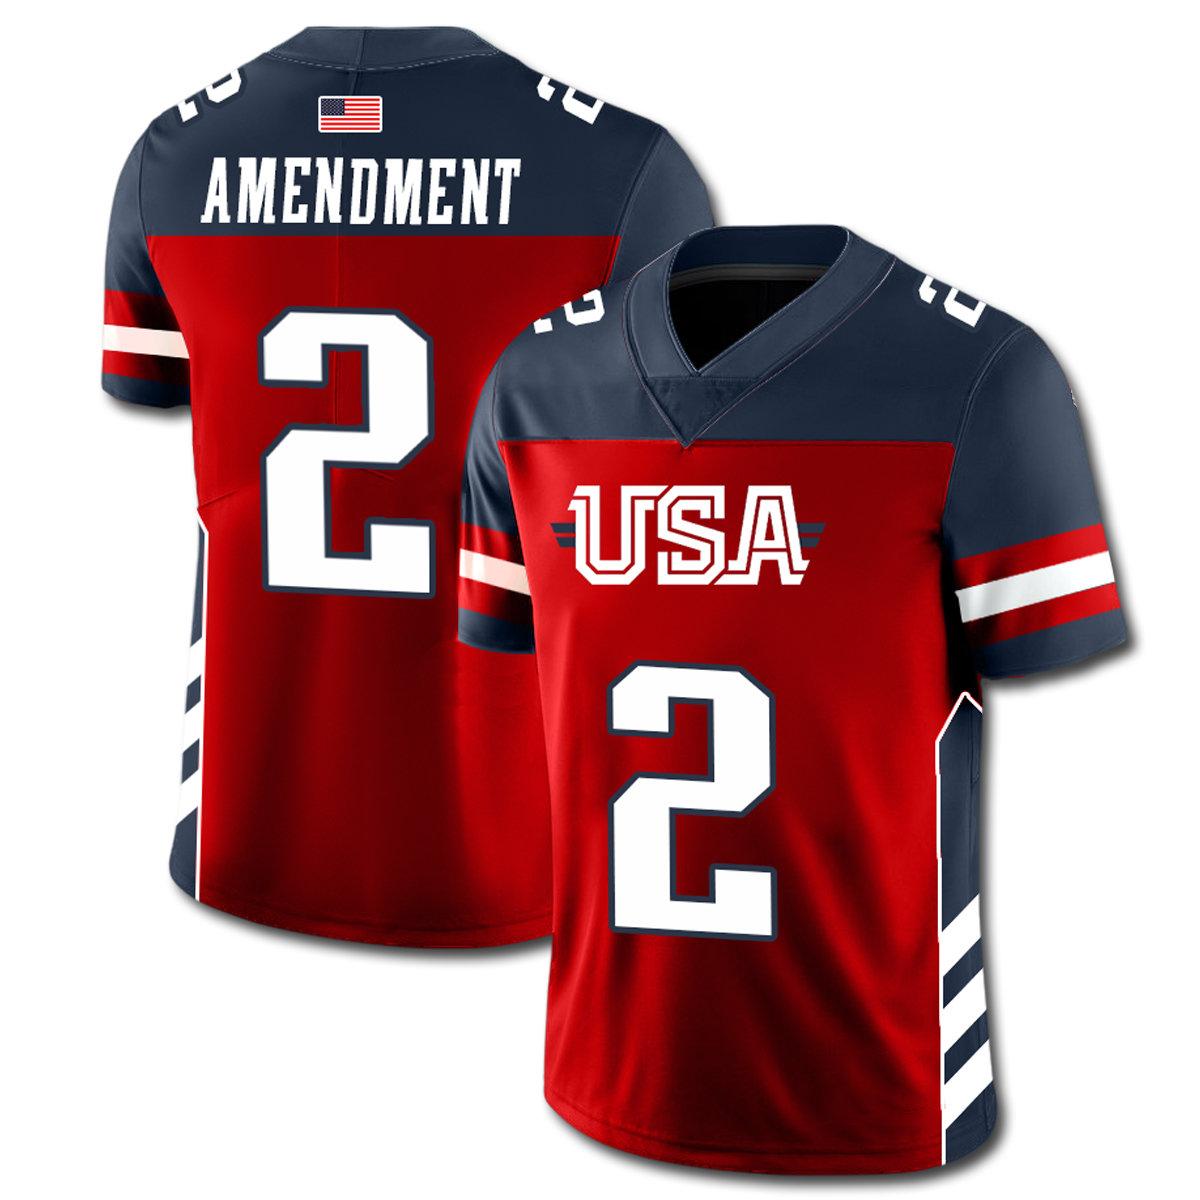 GH Football Jersey - USA #2